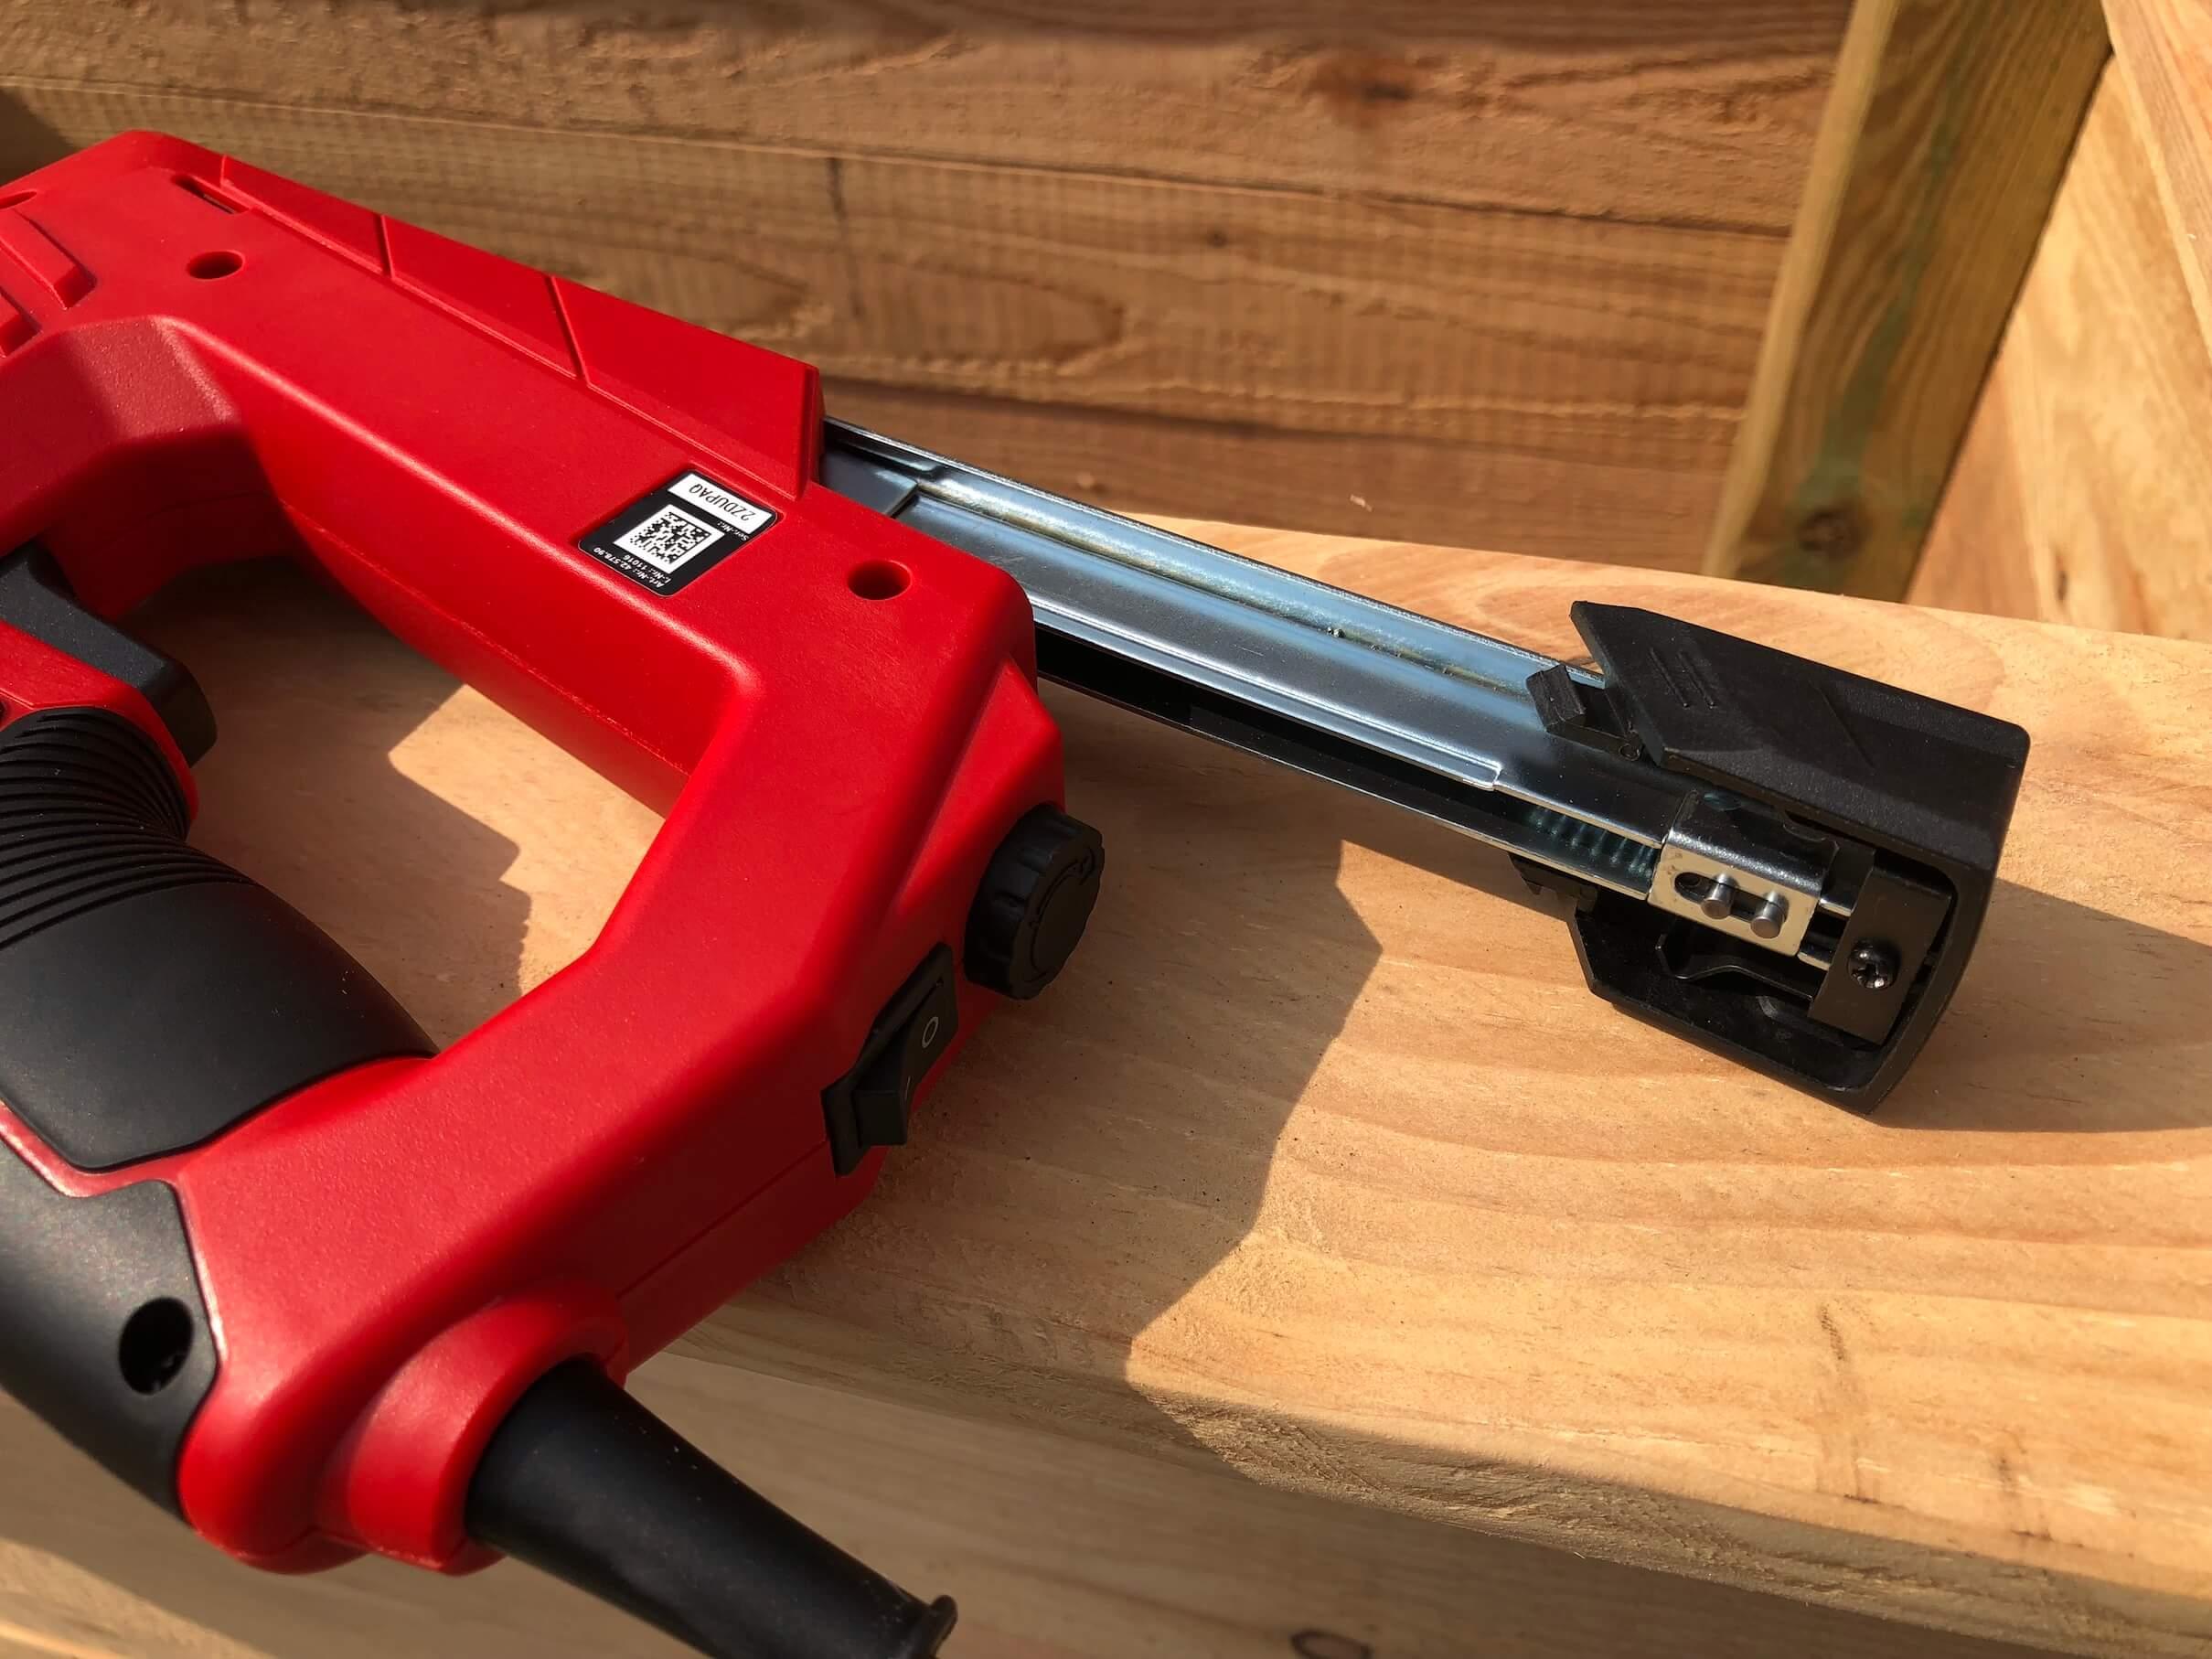 Heimwerker Praxis Test Laser Entfernungsmesser : Heimwerker praxis test laser entfernungsmesser: